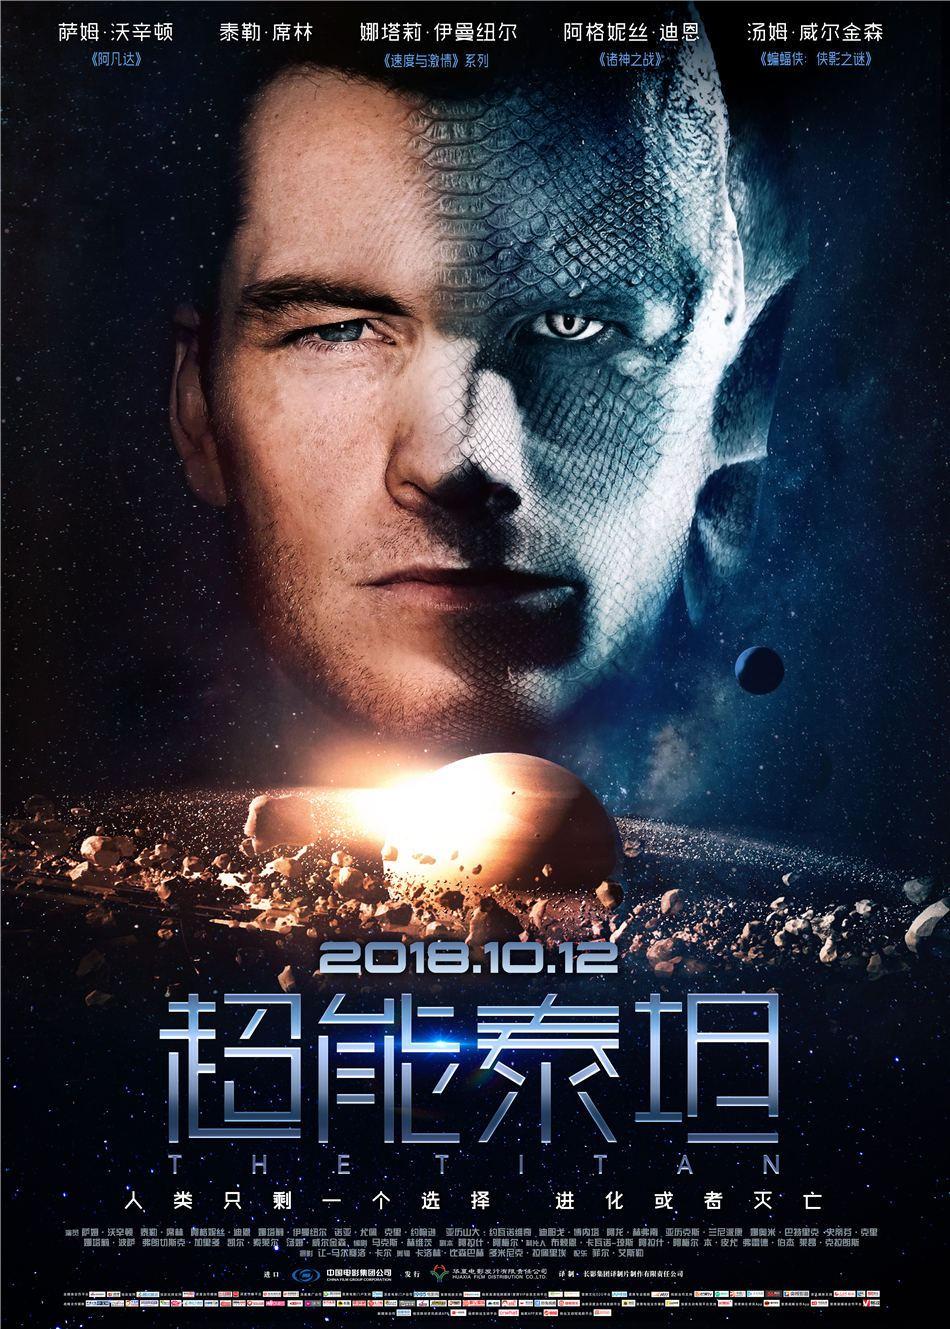 《超能泰坦》曝终极预告 萨姆-沃辛顿领衔勇闯秘境